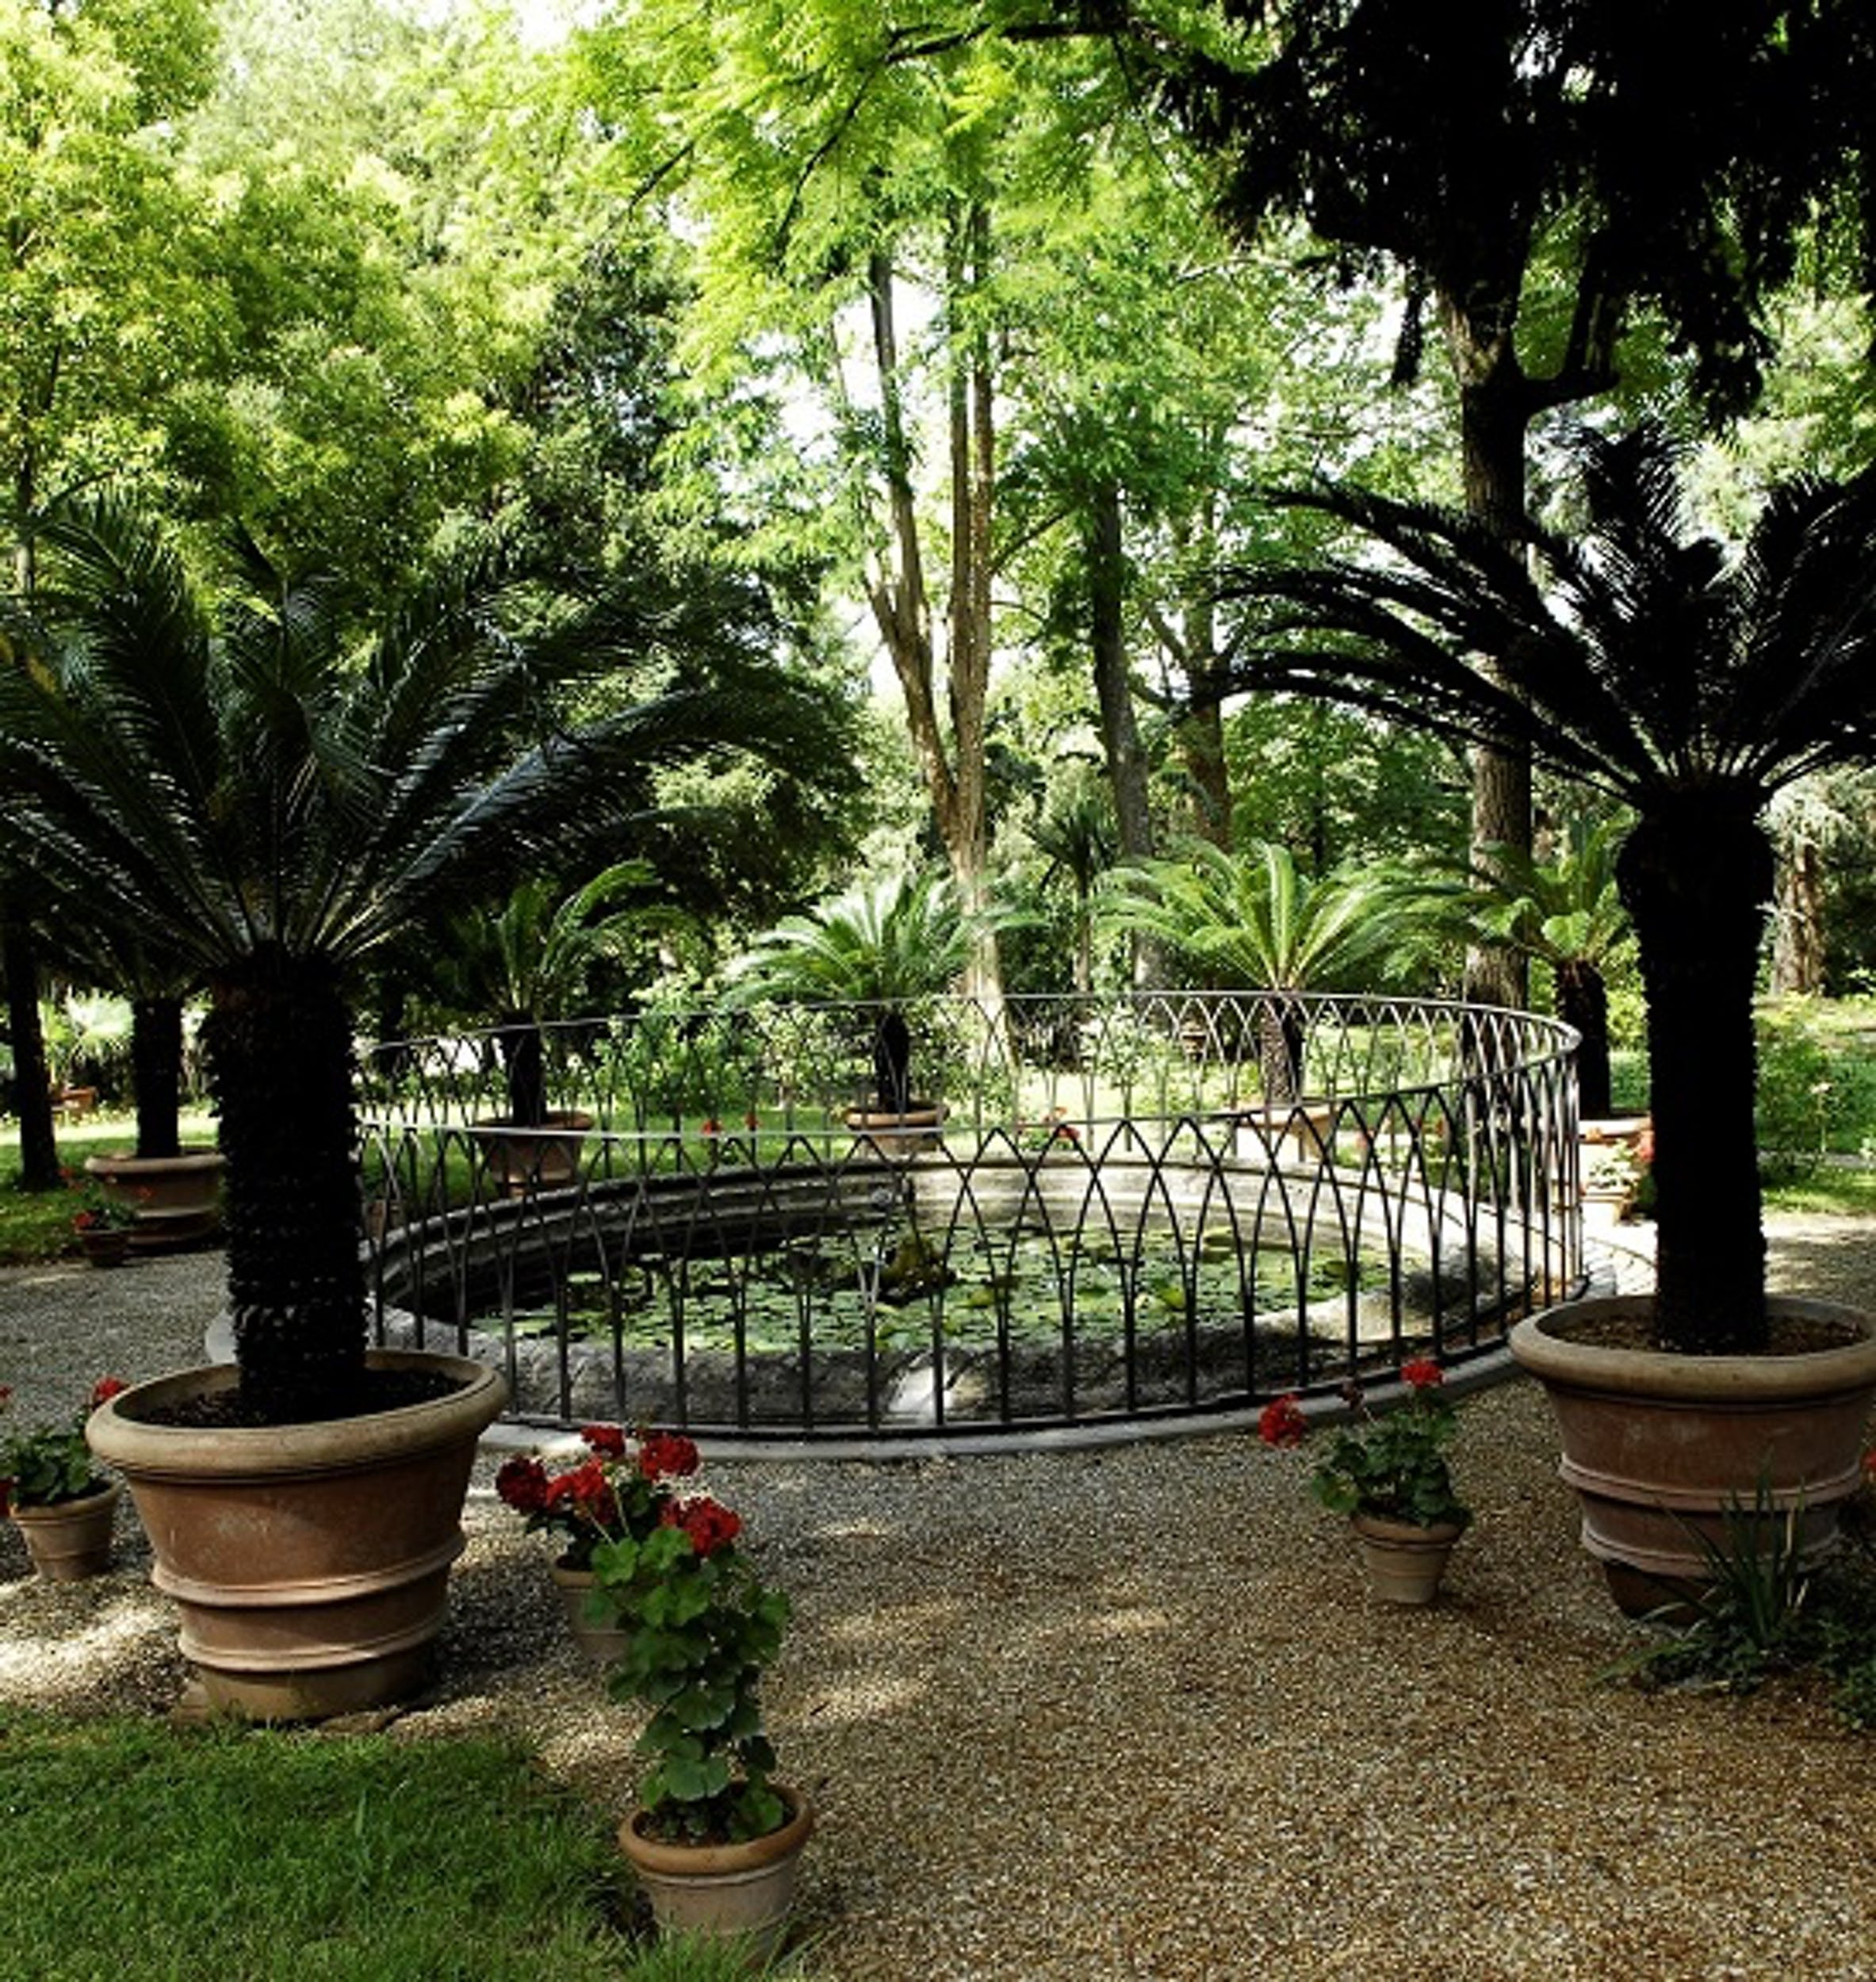 Giardino della Botanica Superiore